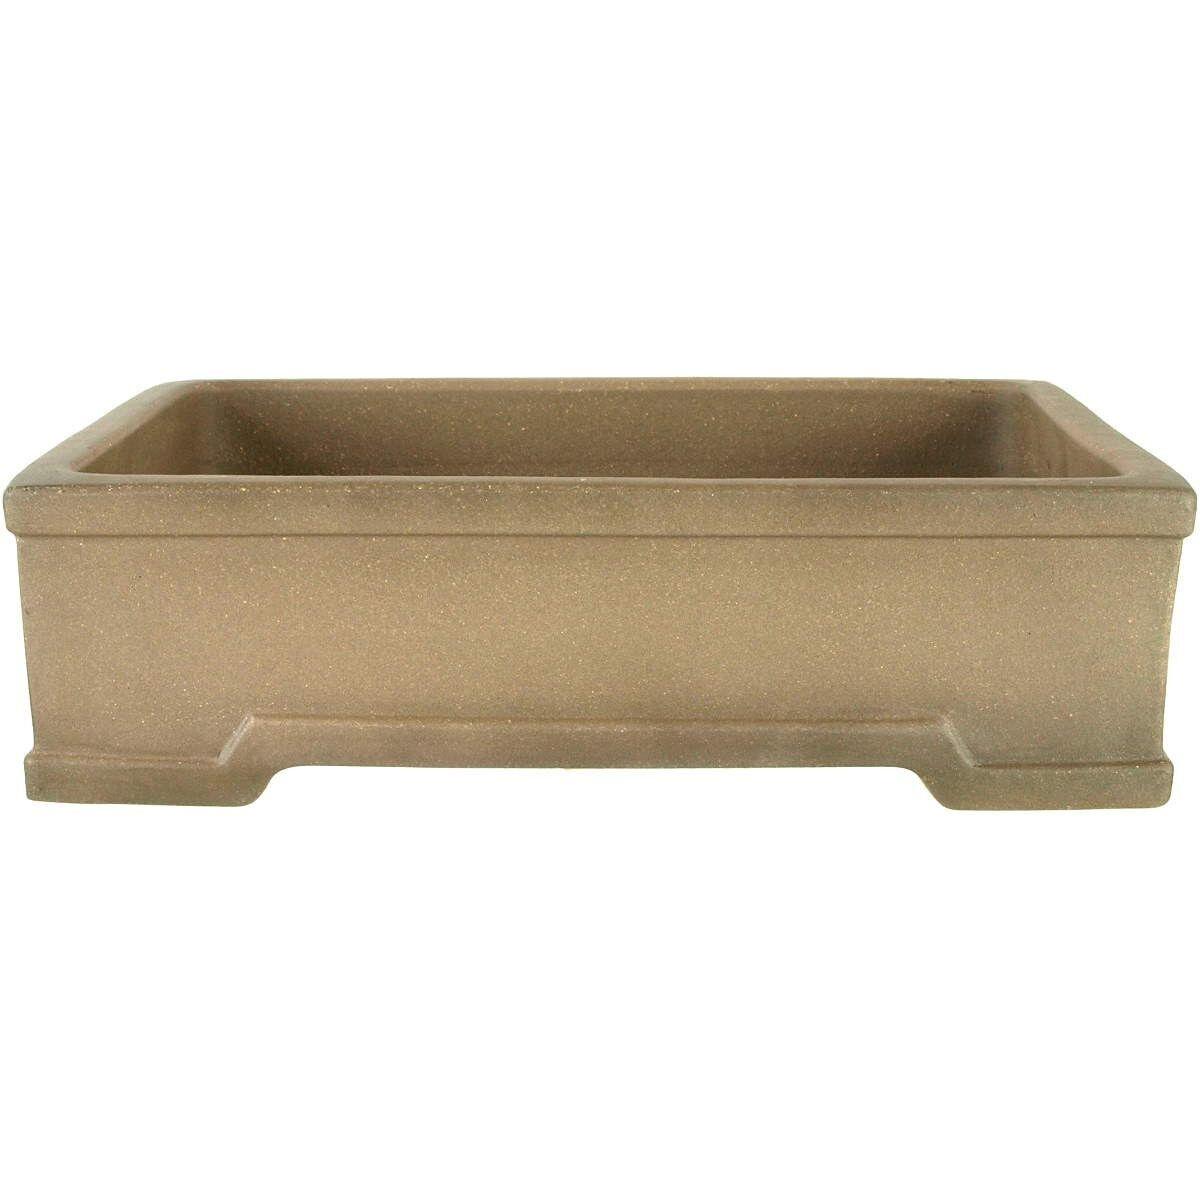 Bonsai Pot 35.5x26.5x10cm Antique gris Rectangular unglaced H36161AG